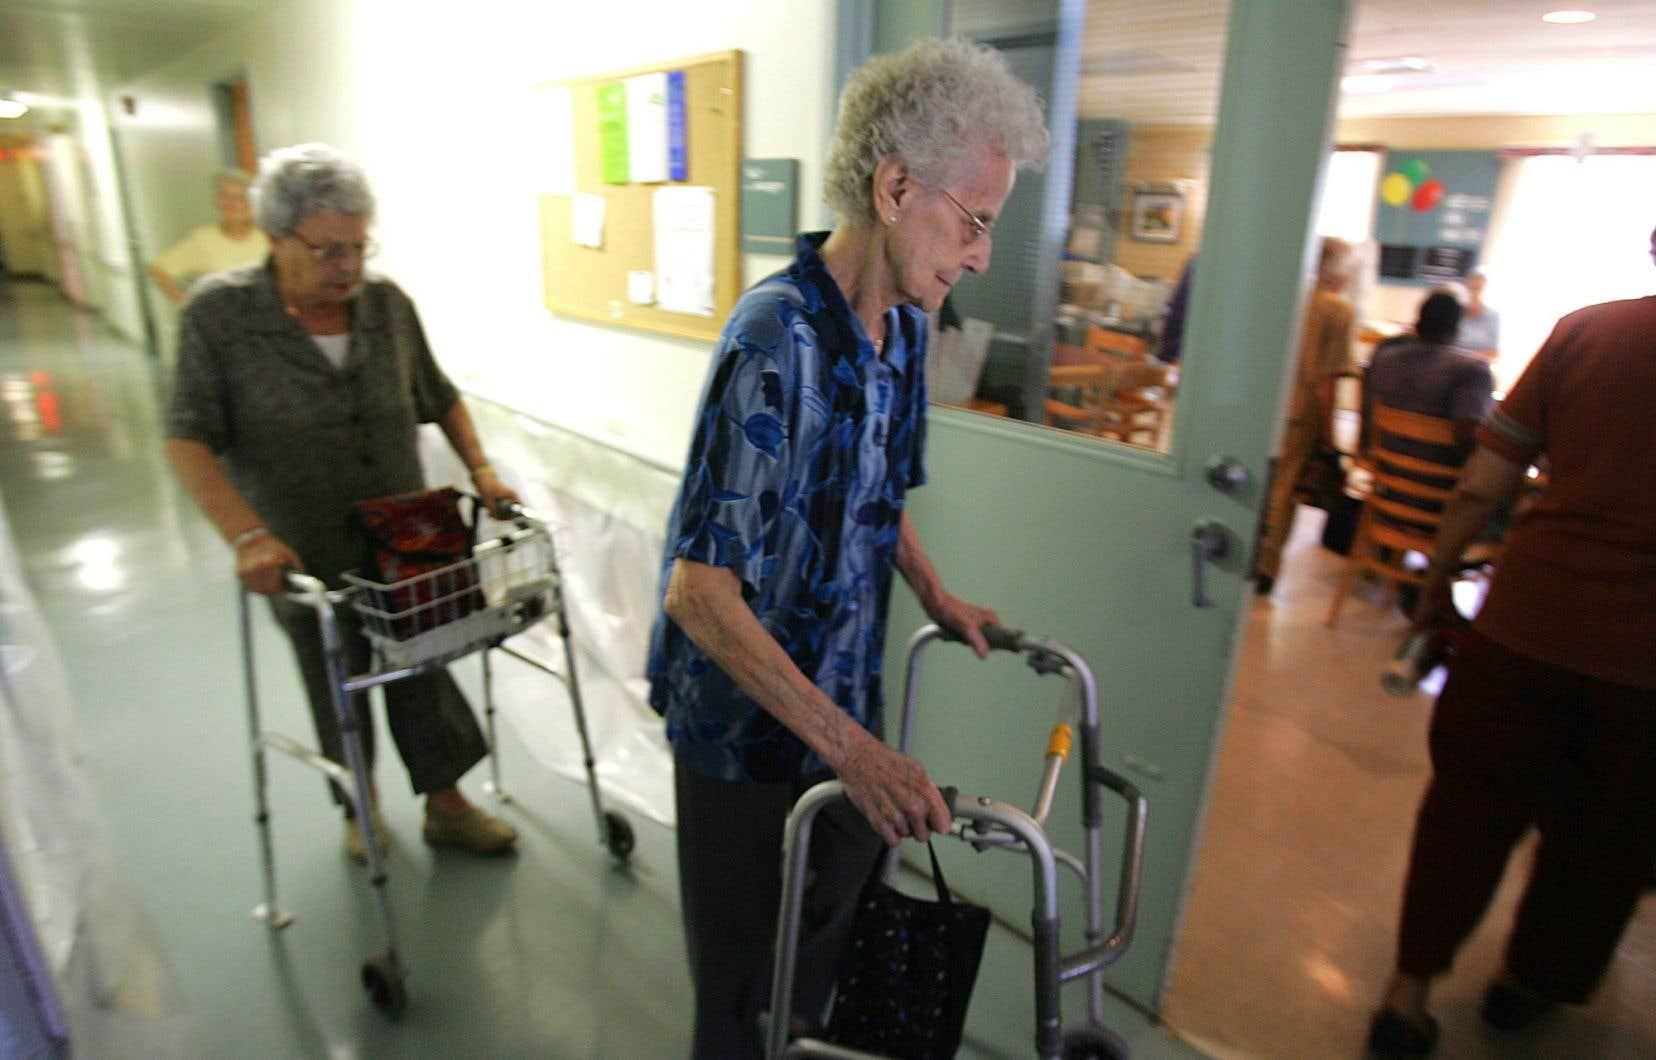 Selon Richard Belhumeur, de la FTQ, le réseau des résidences privées est devenu un passage obligé pour les personnes âgées en raison du désengagement progressif de l'État.